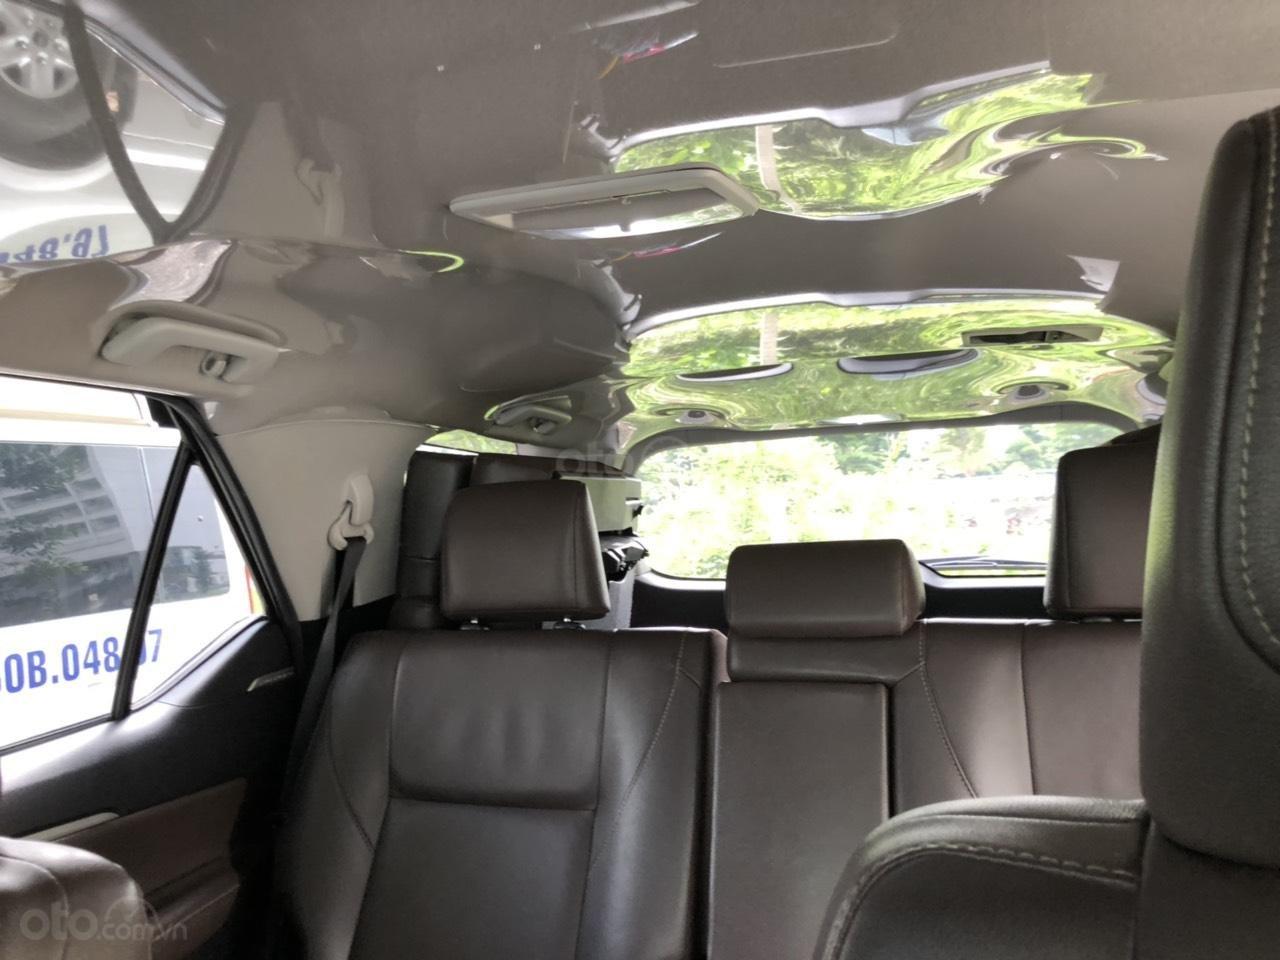 City Ford Used Car bán Toyota Fortuner 2.7V (4x2) năm 2017 nhập khẩu trả góp, xe còn bảo hành hãng (7)